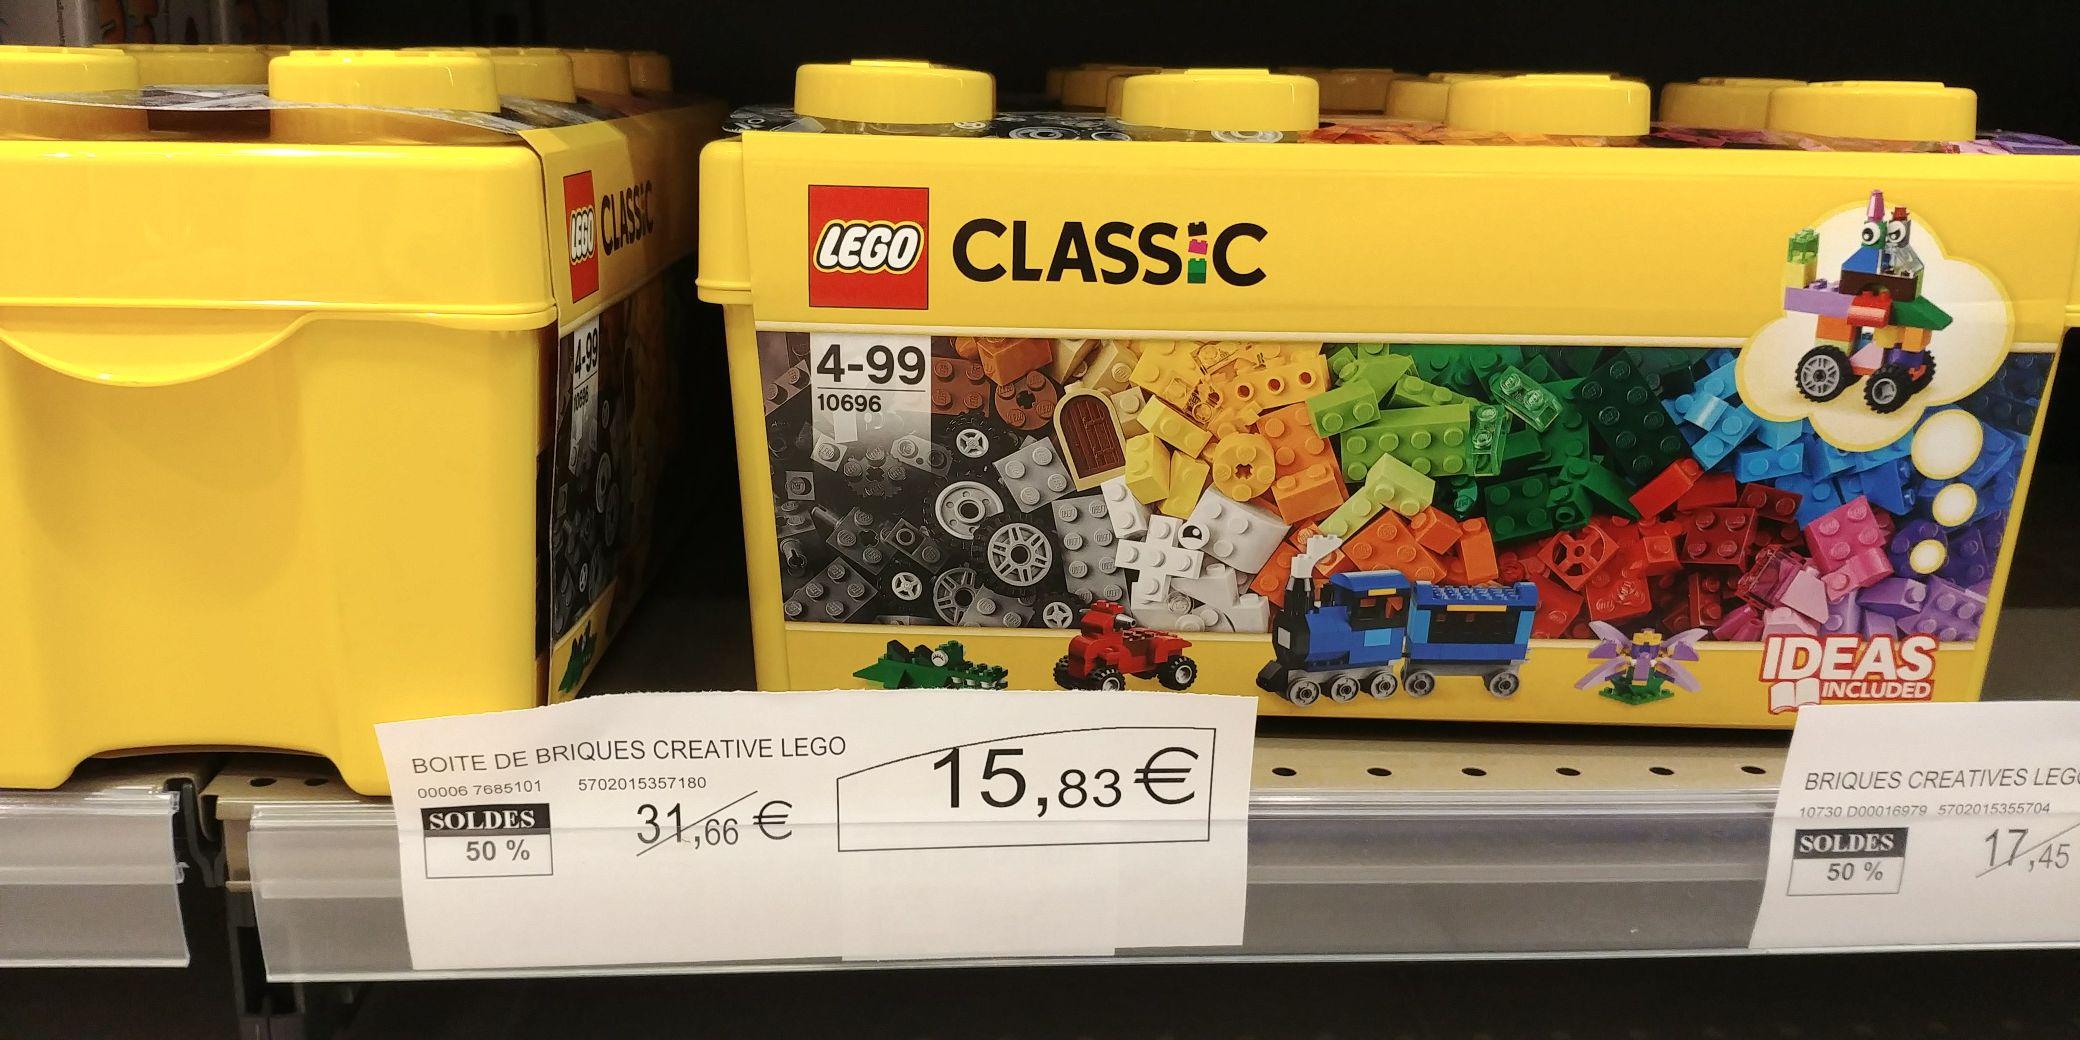 Jouet Lego Classic - Les briques créatives (10692) à 8.72€ ou La boîte de briques créatives (10696) à 15.83€ au Super U Reims (51)